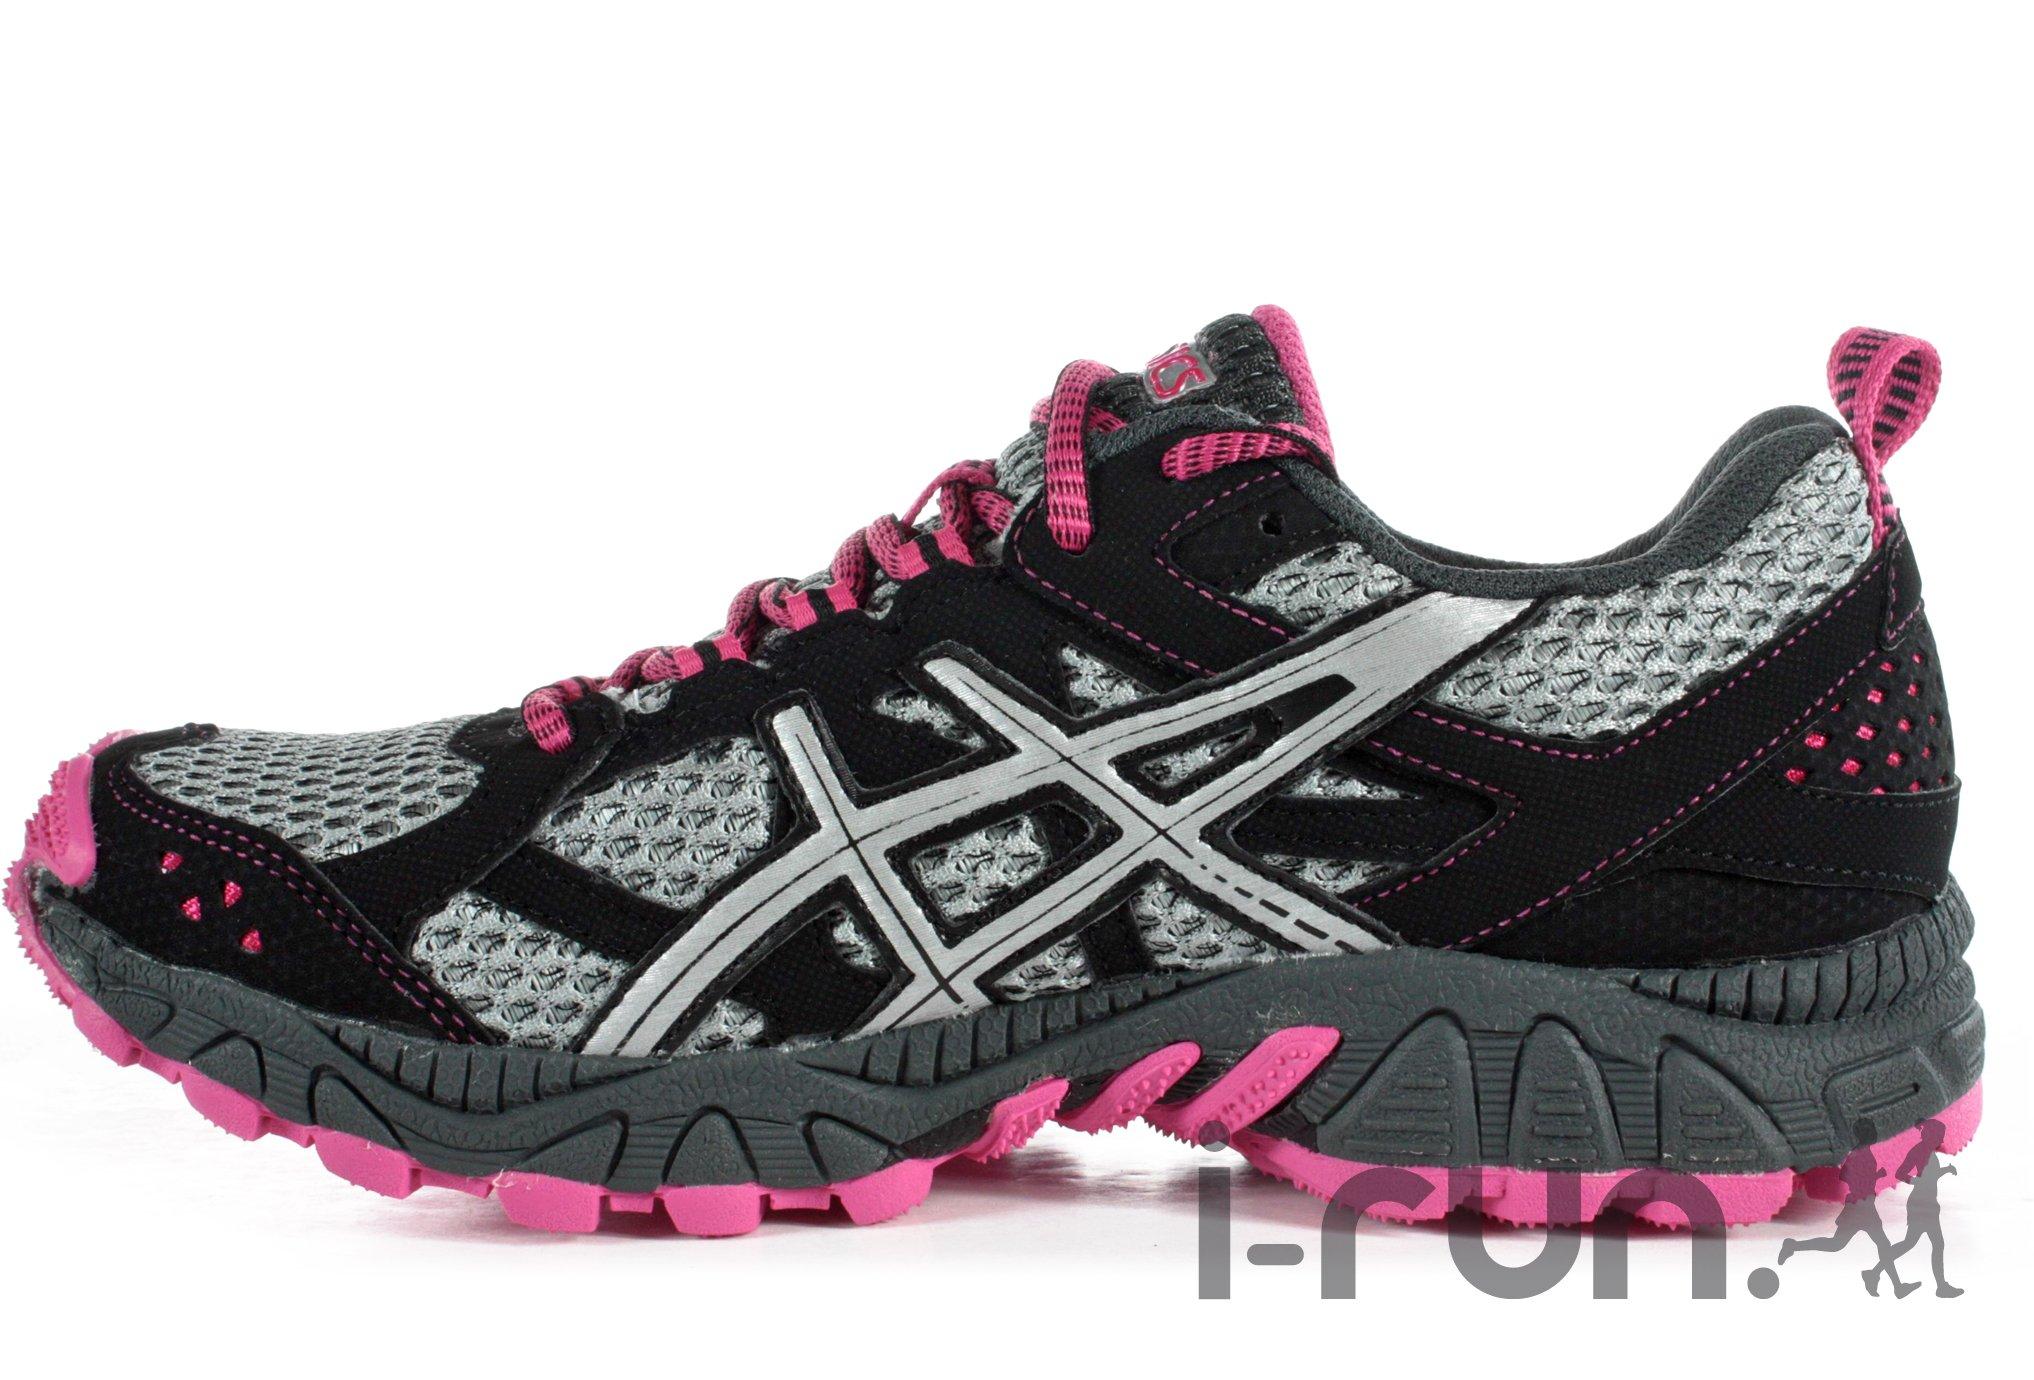 asics trail lahar femme. Asics Gel Trail Lahar 5 W Asics - Gel Trail Lahar  5 Gore Tex Noire Chaussures Trail femme - T3K8N 9093 - 3491cb74bae2